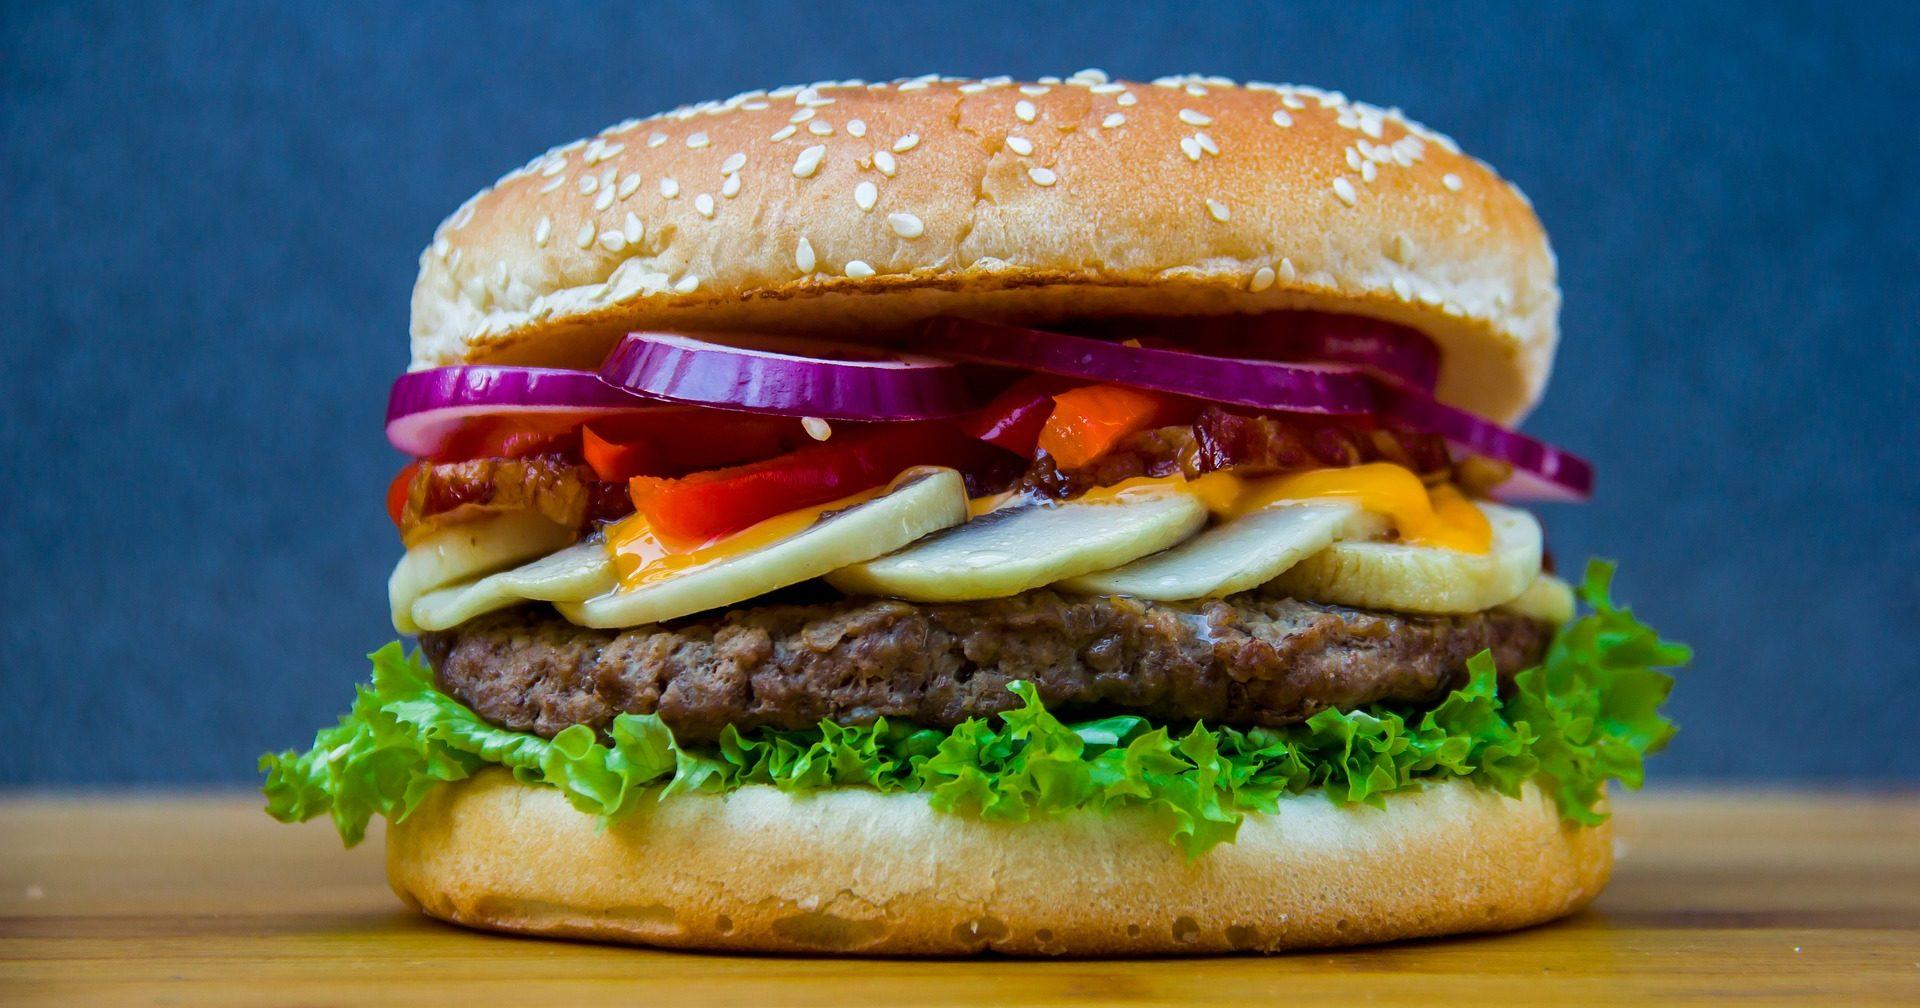 Burger, kurczak, frytki – zdrowe i smaczne